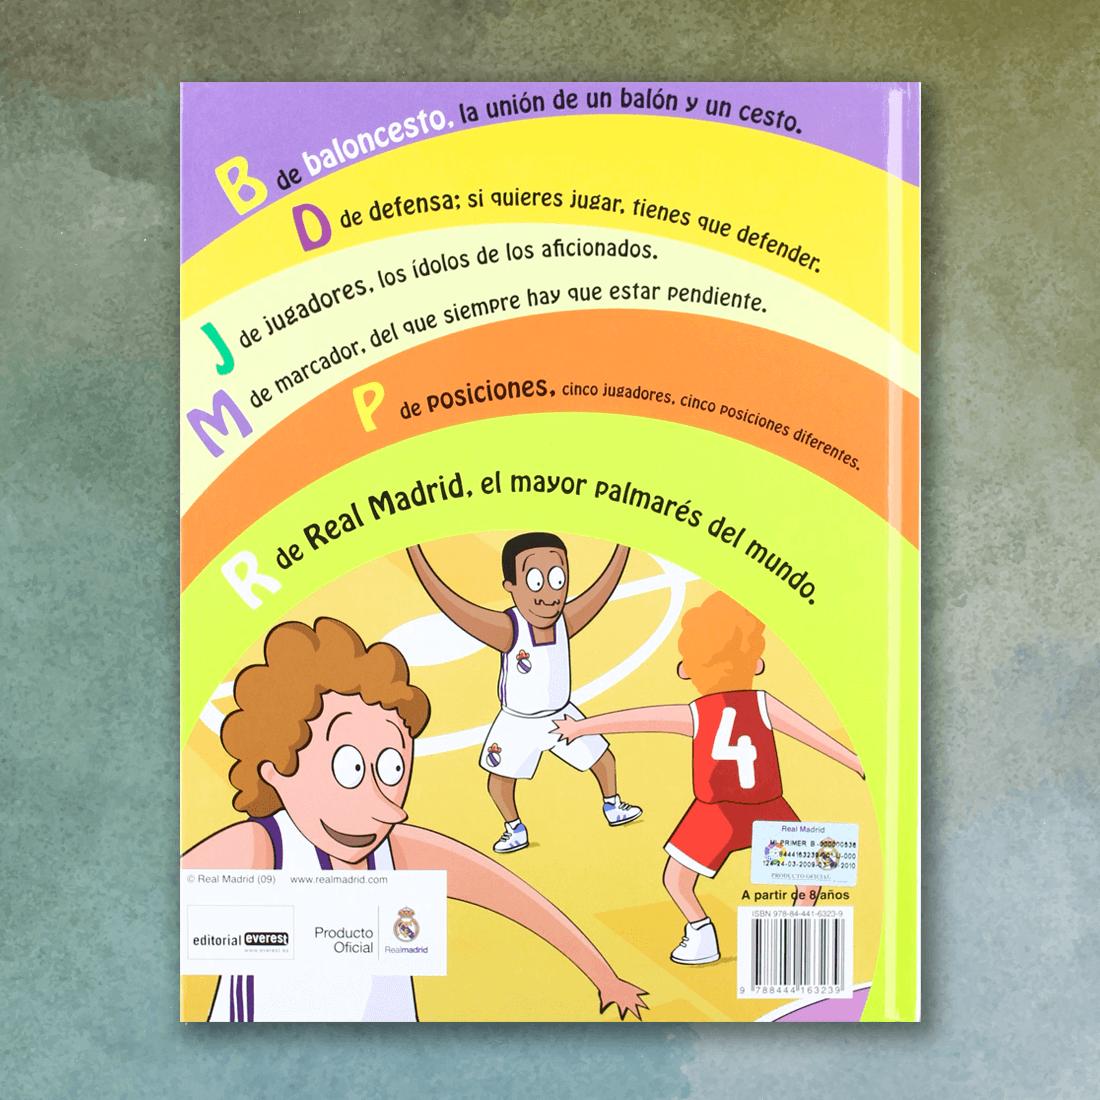 Mi primer libro de baloncesto del Real Madrid (Contraportada) - Diego Moldes